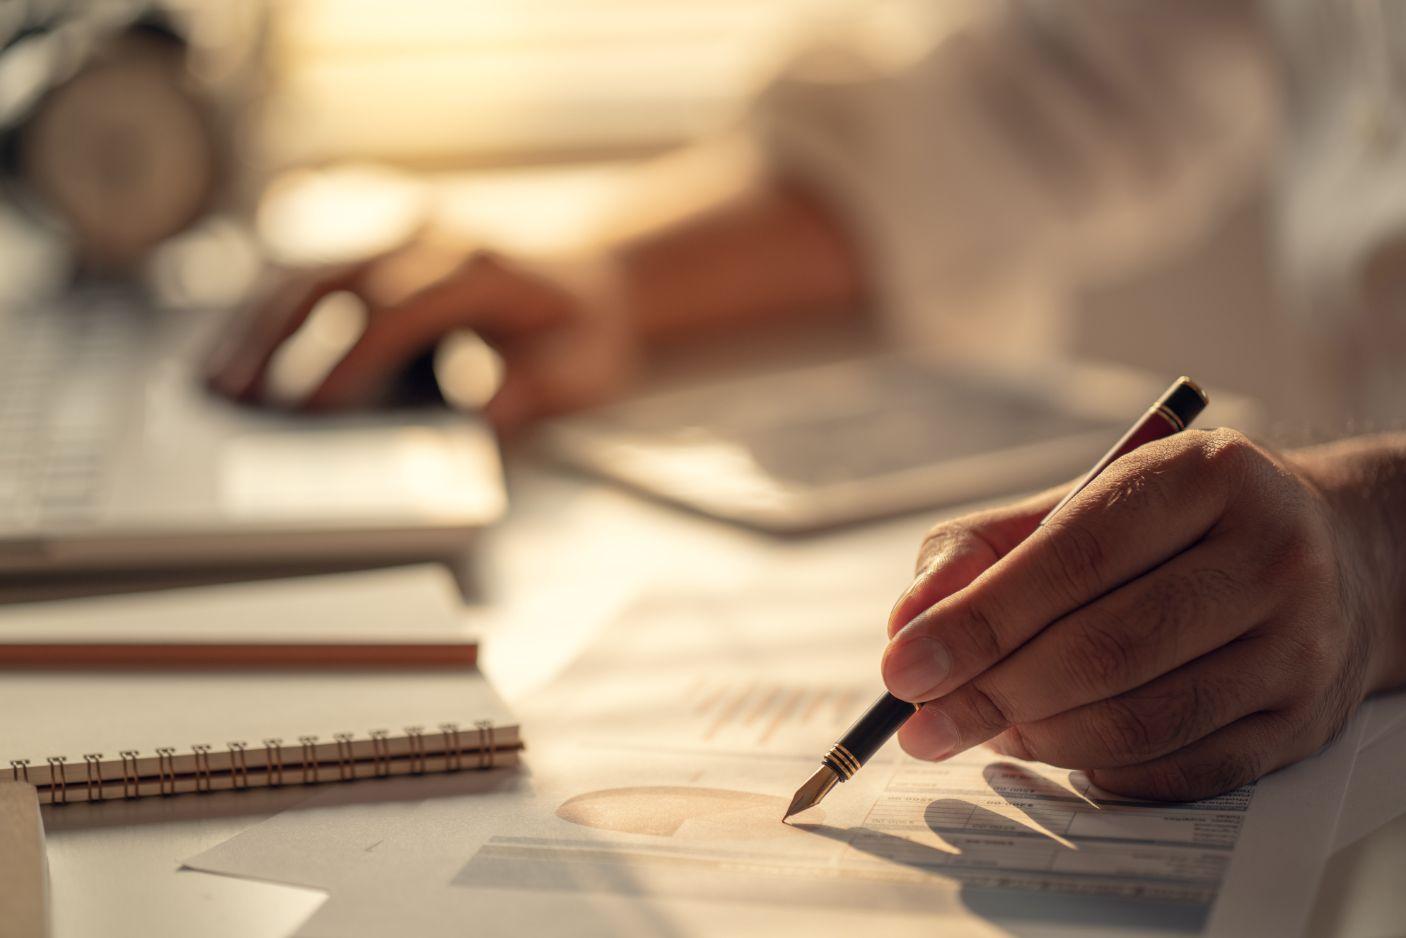 退職後の失業保険の手続きの流れ|給付の条件・日数・金額を解説